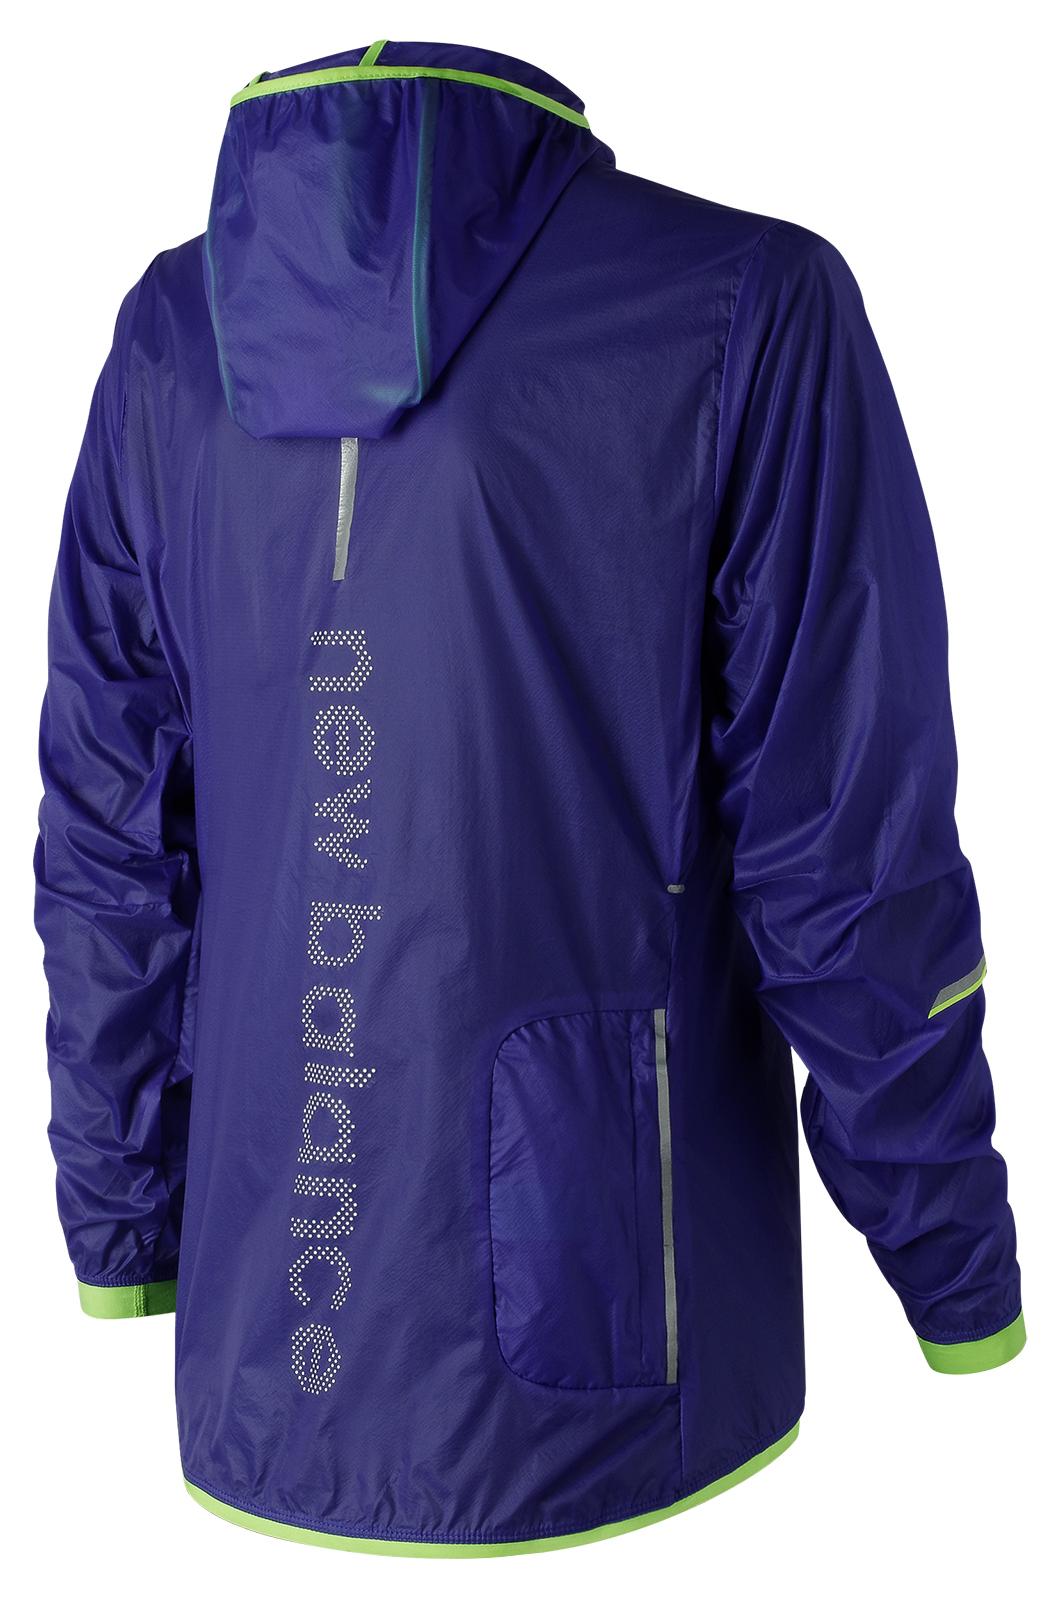 e3a72de61842f New Balance Ultralight Packable Jacket - Women's   MEC